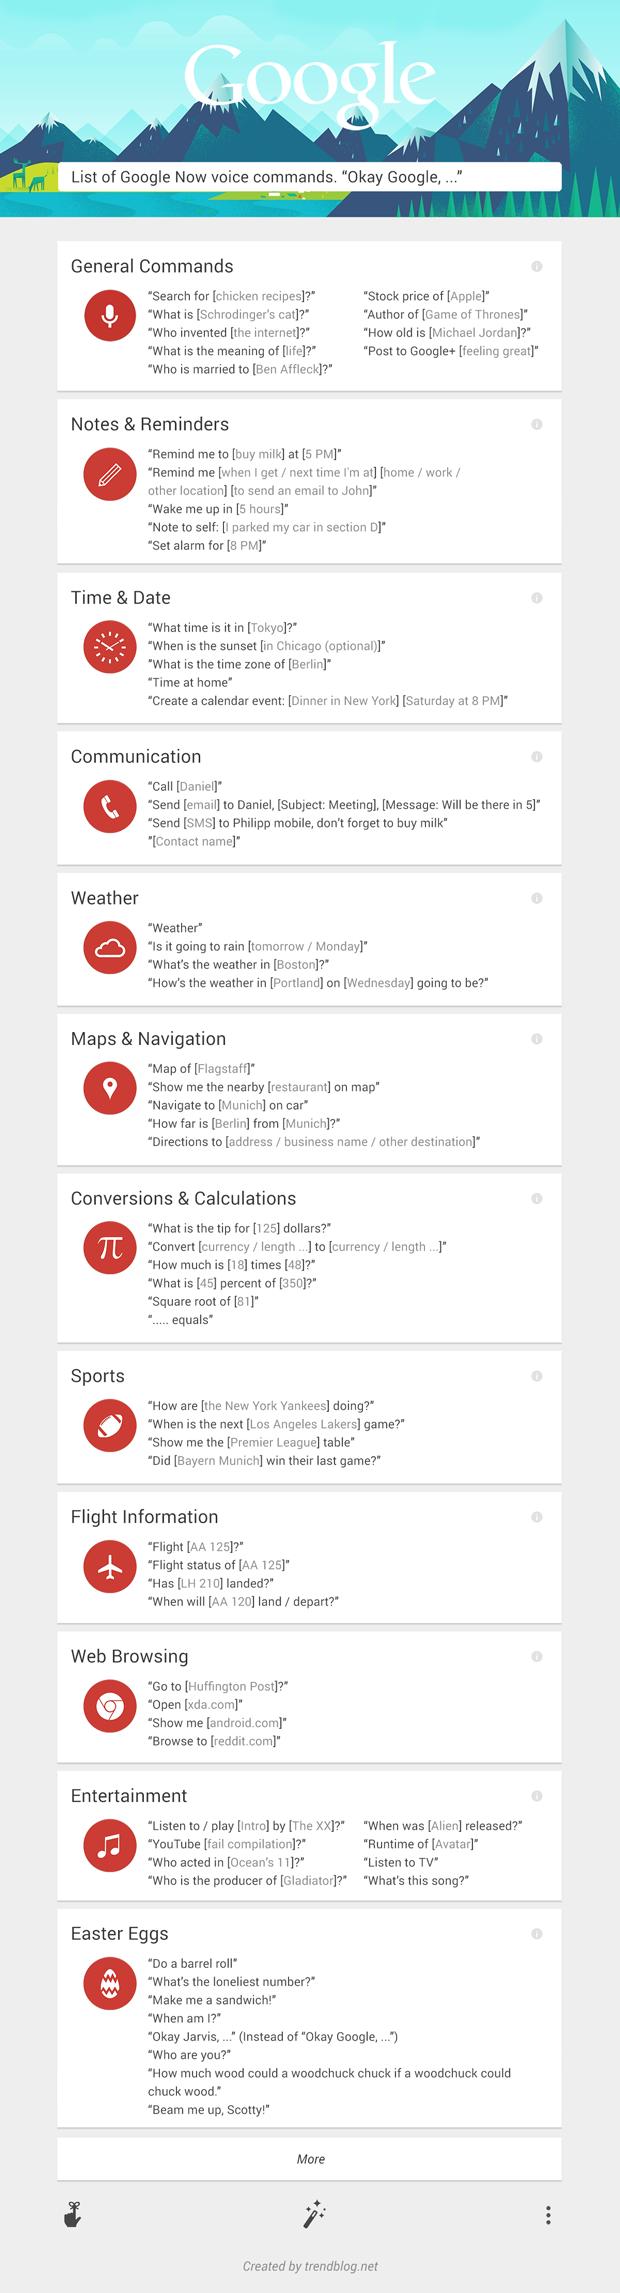 كافة اوامر قوقل ناو Google Now الصوتية